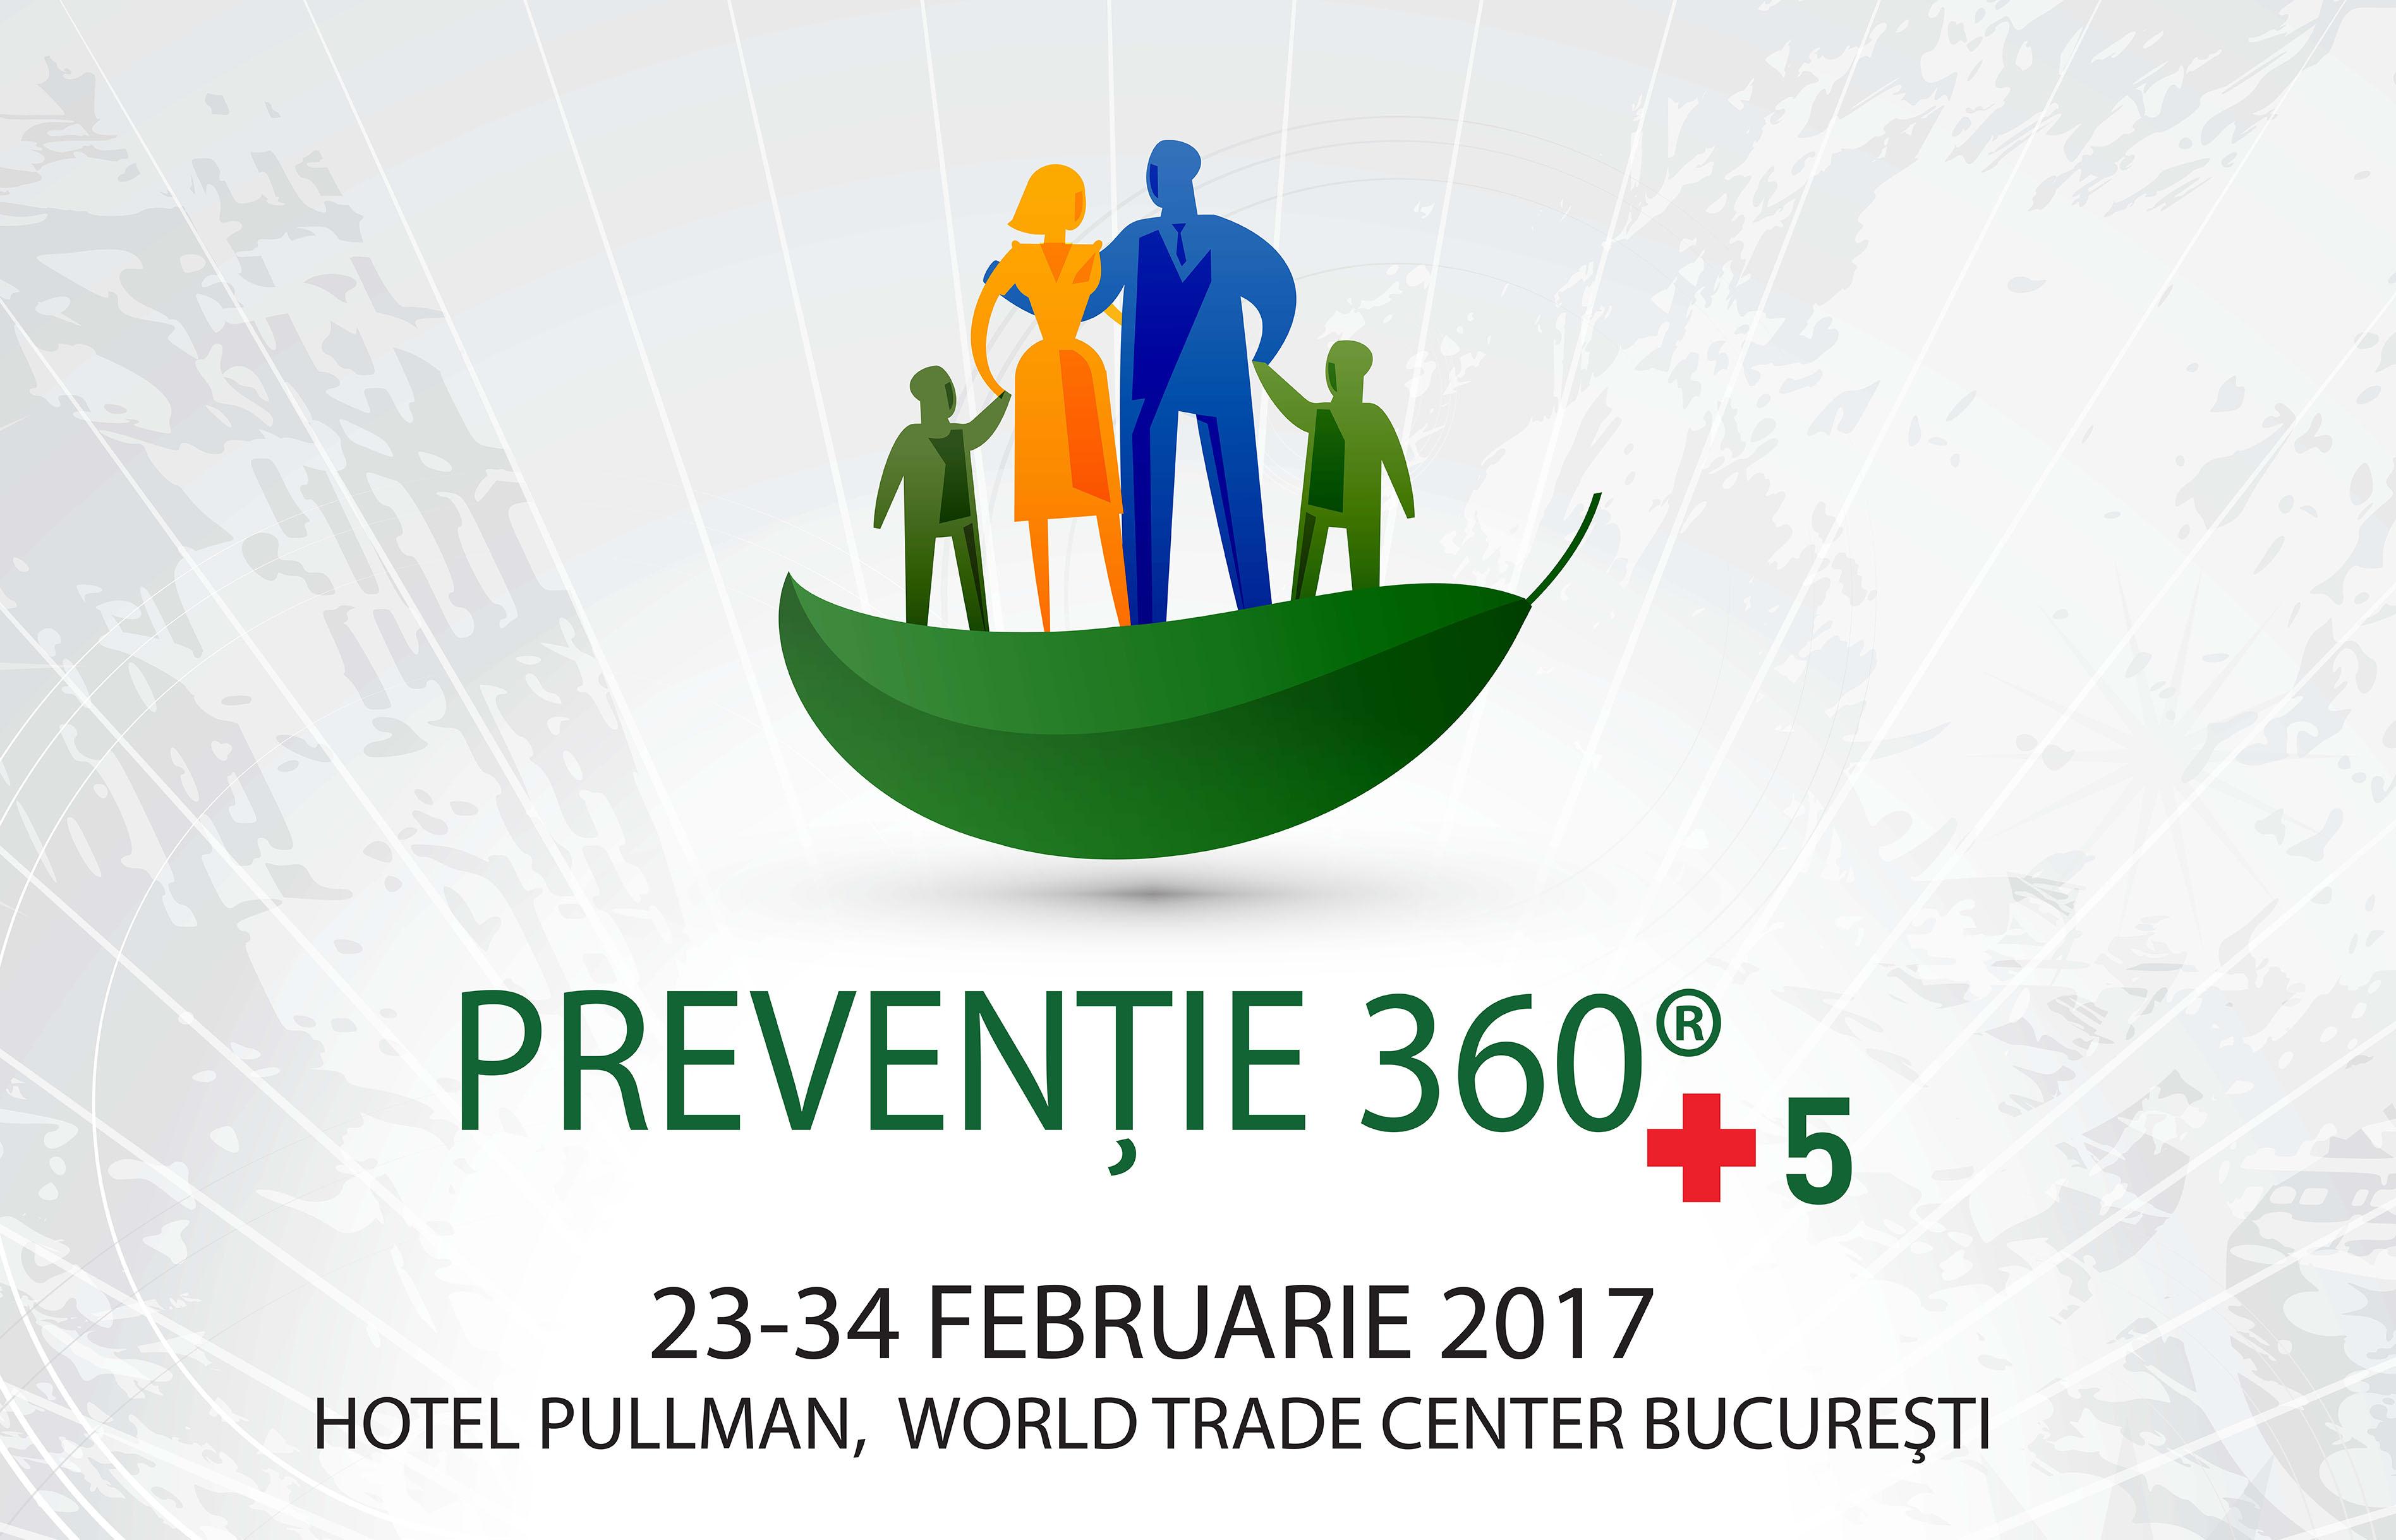 Conferința Preventie 360®+5 (2017)